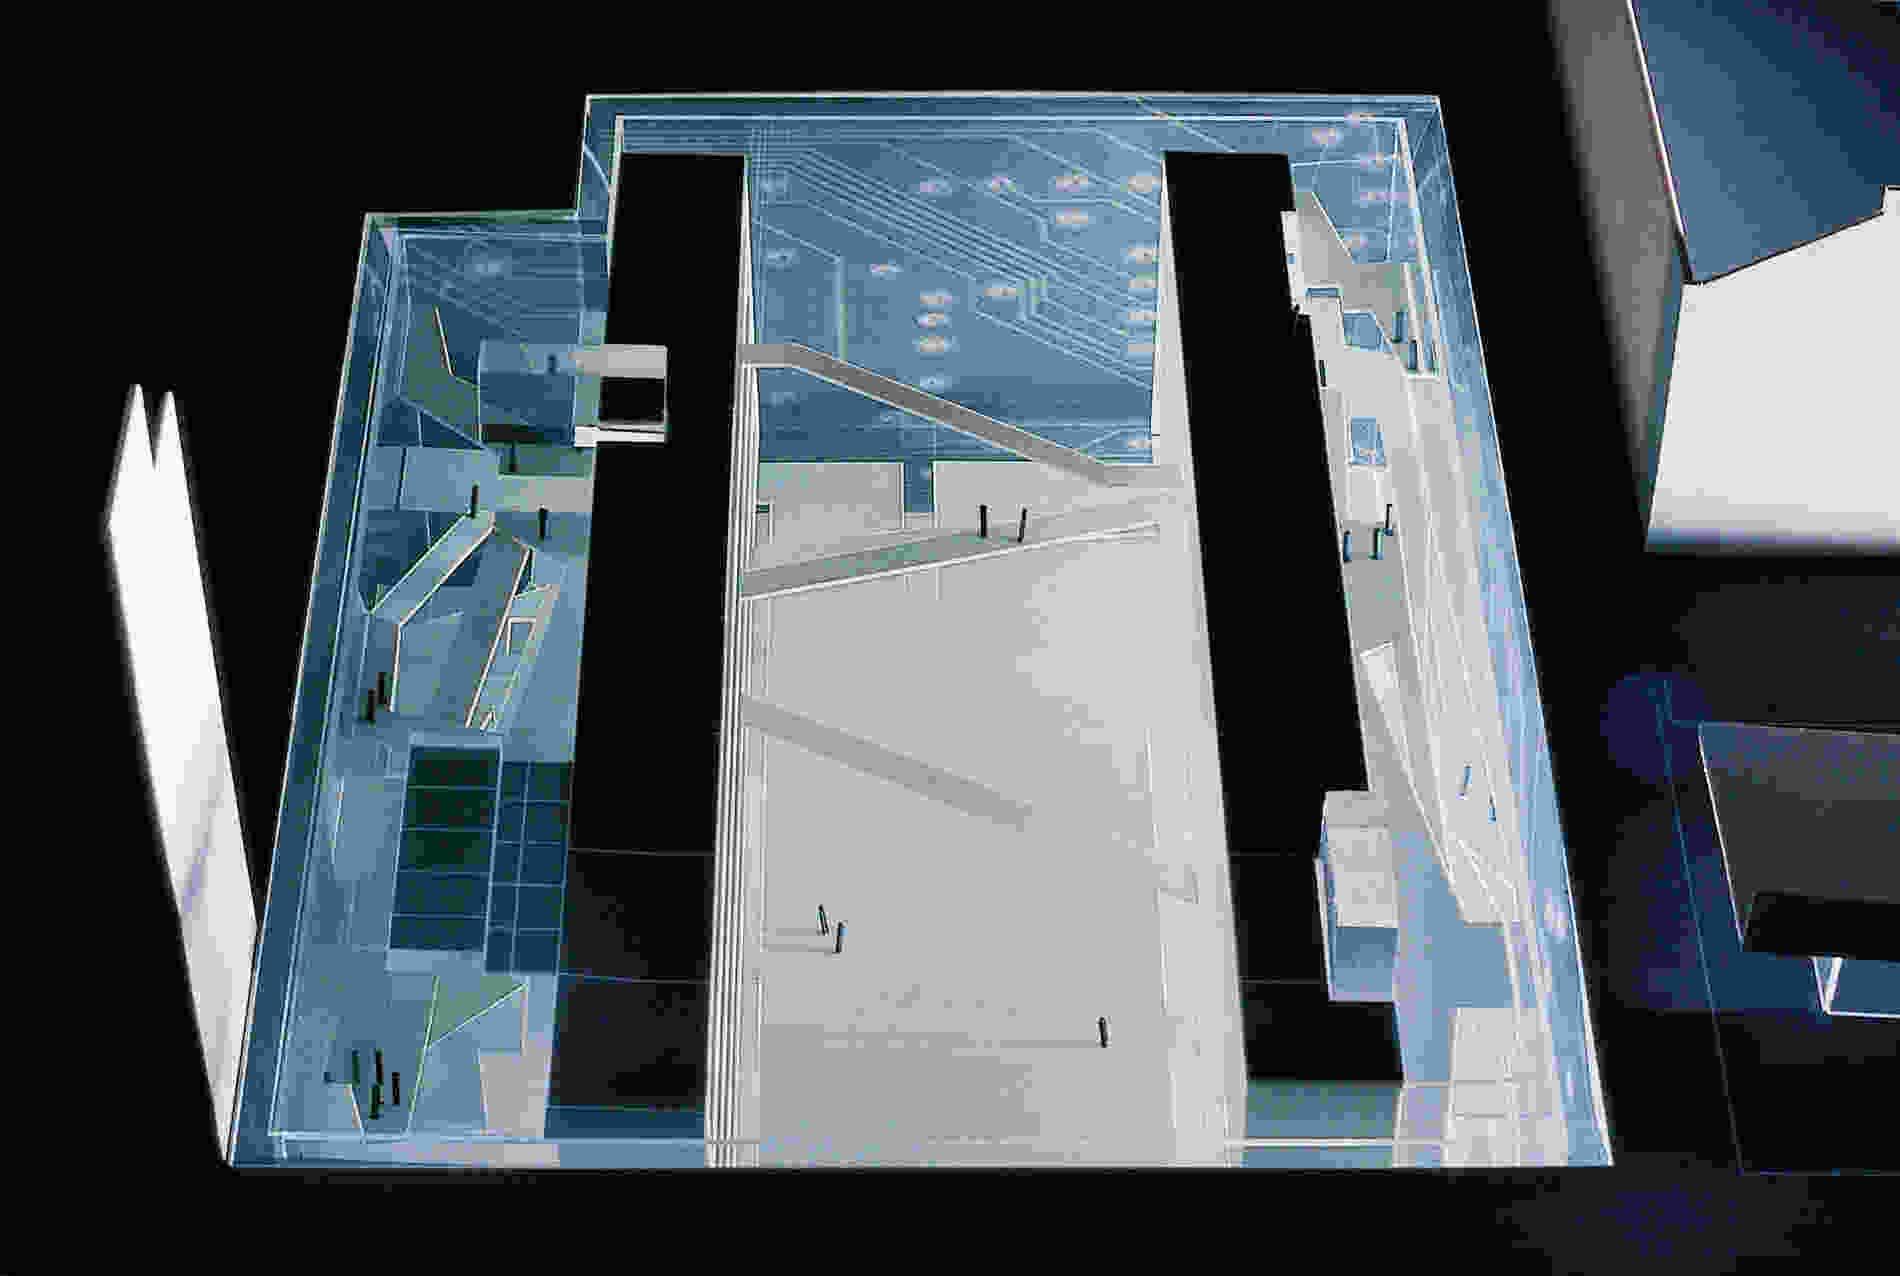 041 Agenzia Spaziale Italiana dm model 006